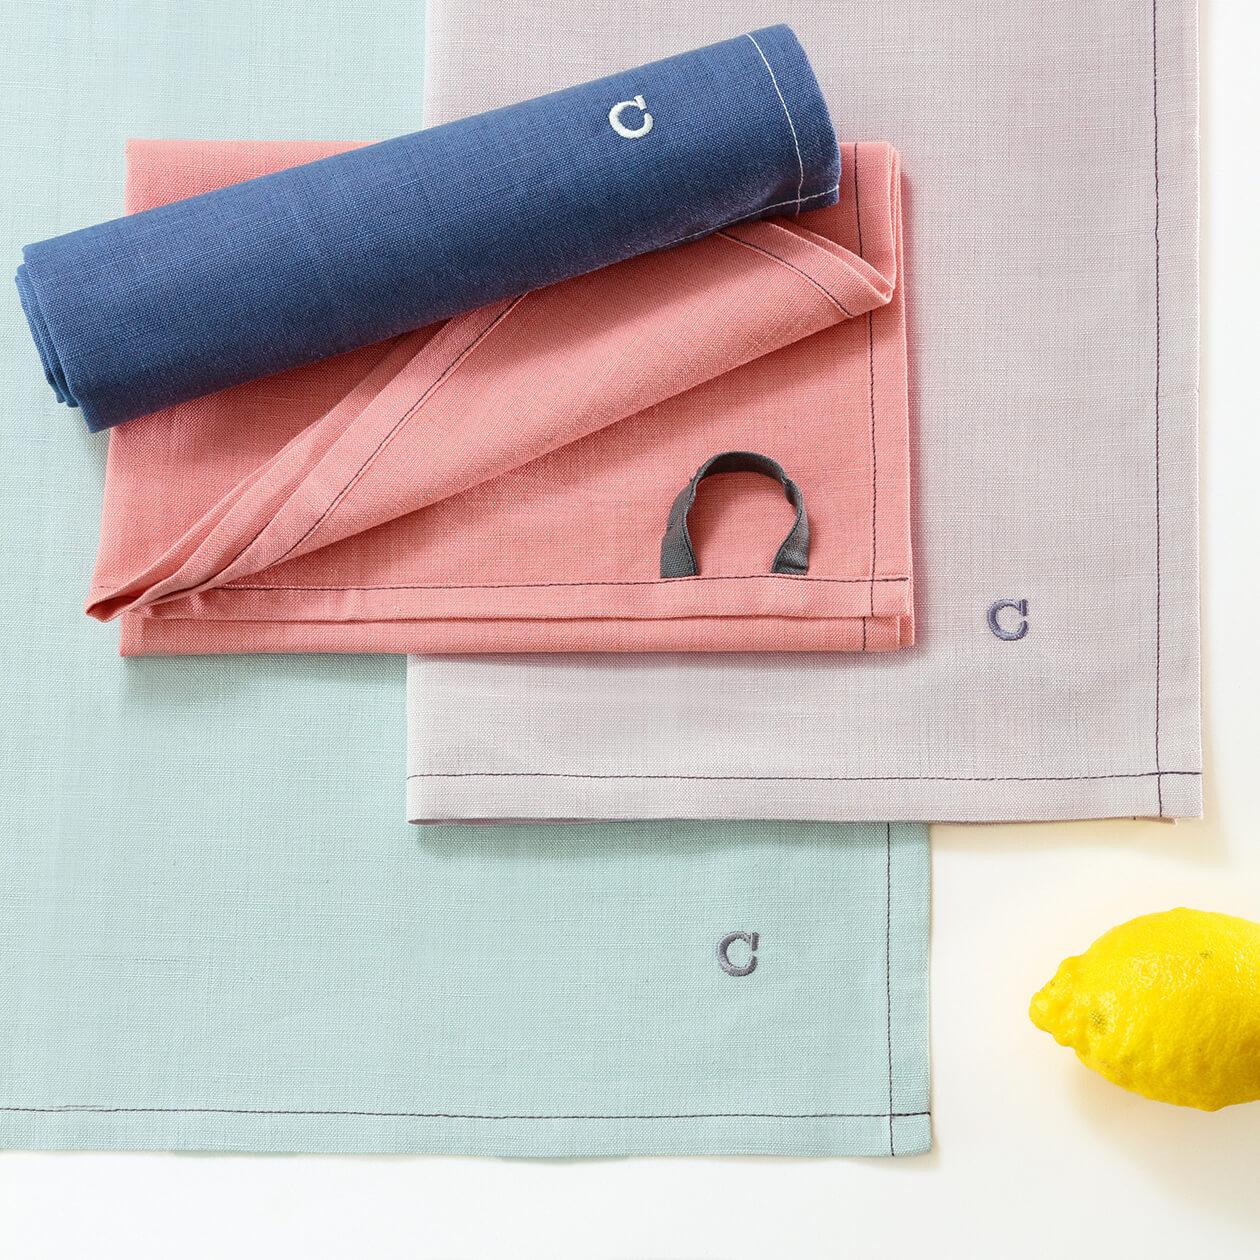 Cawö Home Solid 500 - Geschirrtuch 50x70 cm - Farbe: anthrazit - 774 Detailbild 3